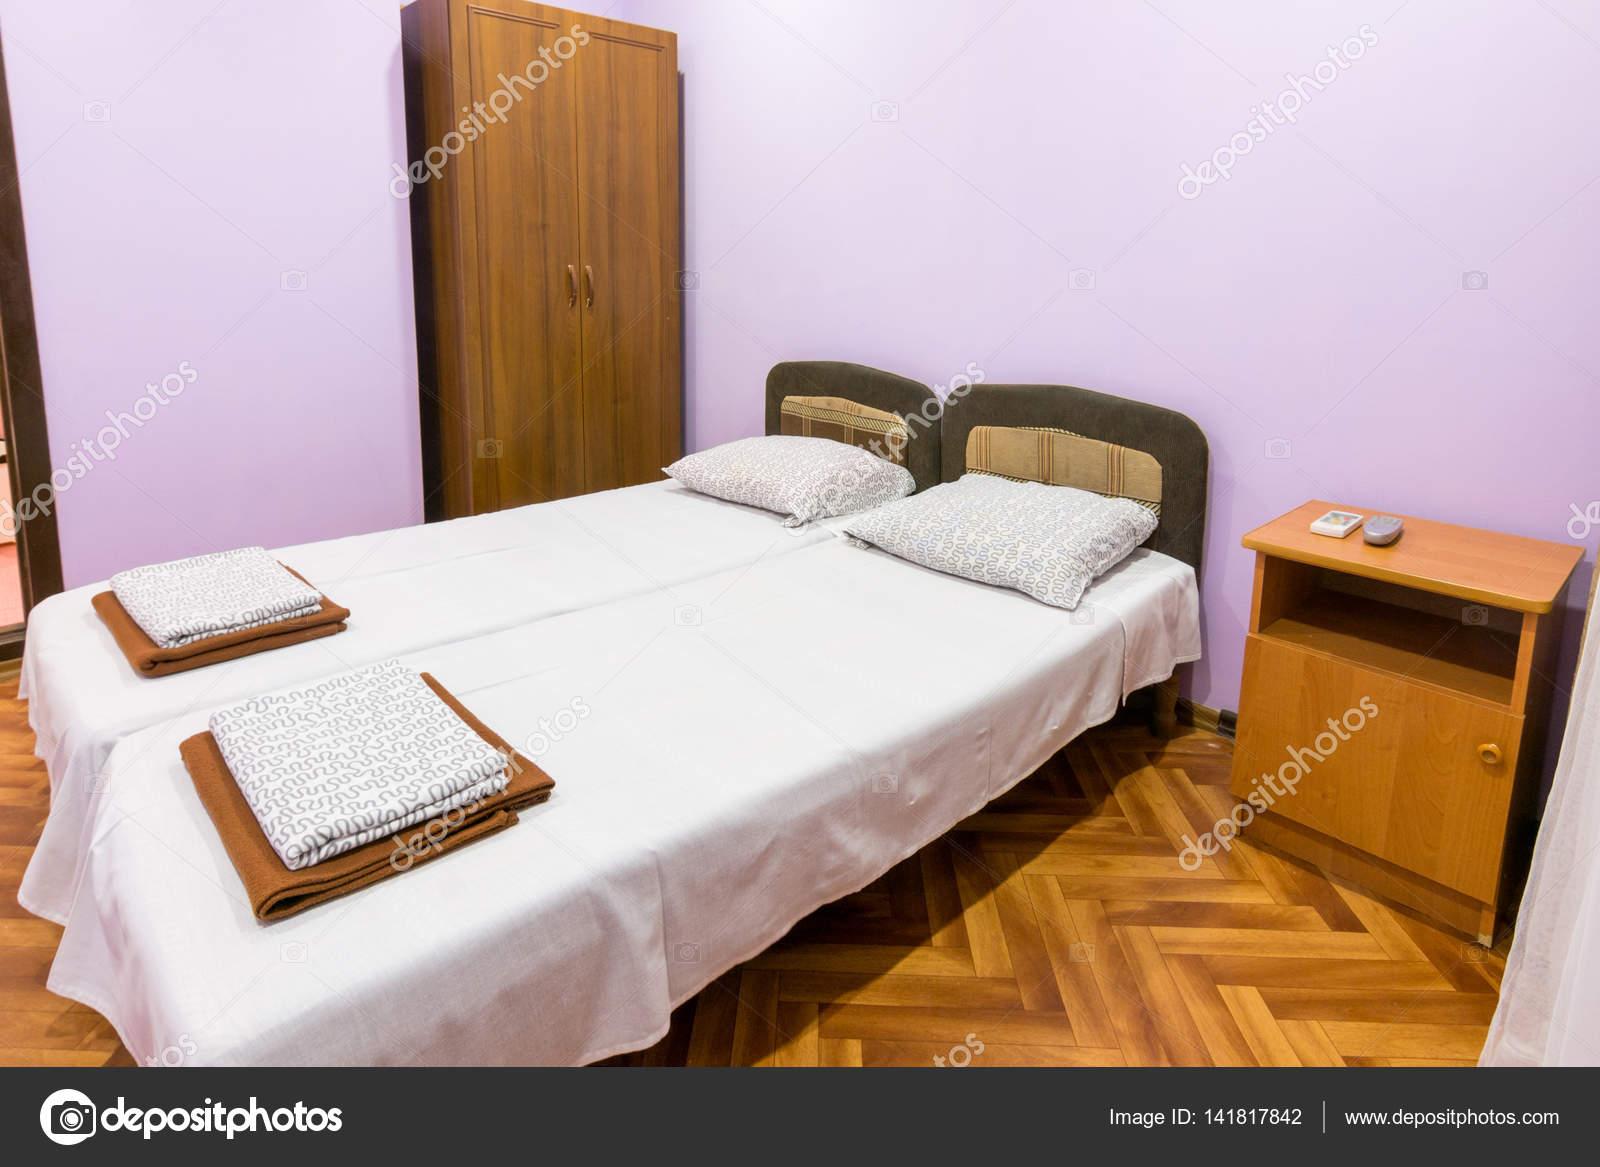 Kleine Slaapkamer Kledingkast : Het interieur van een kleine kamer met een tweepersoonsbed een